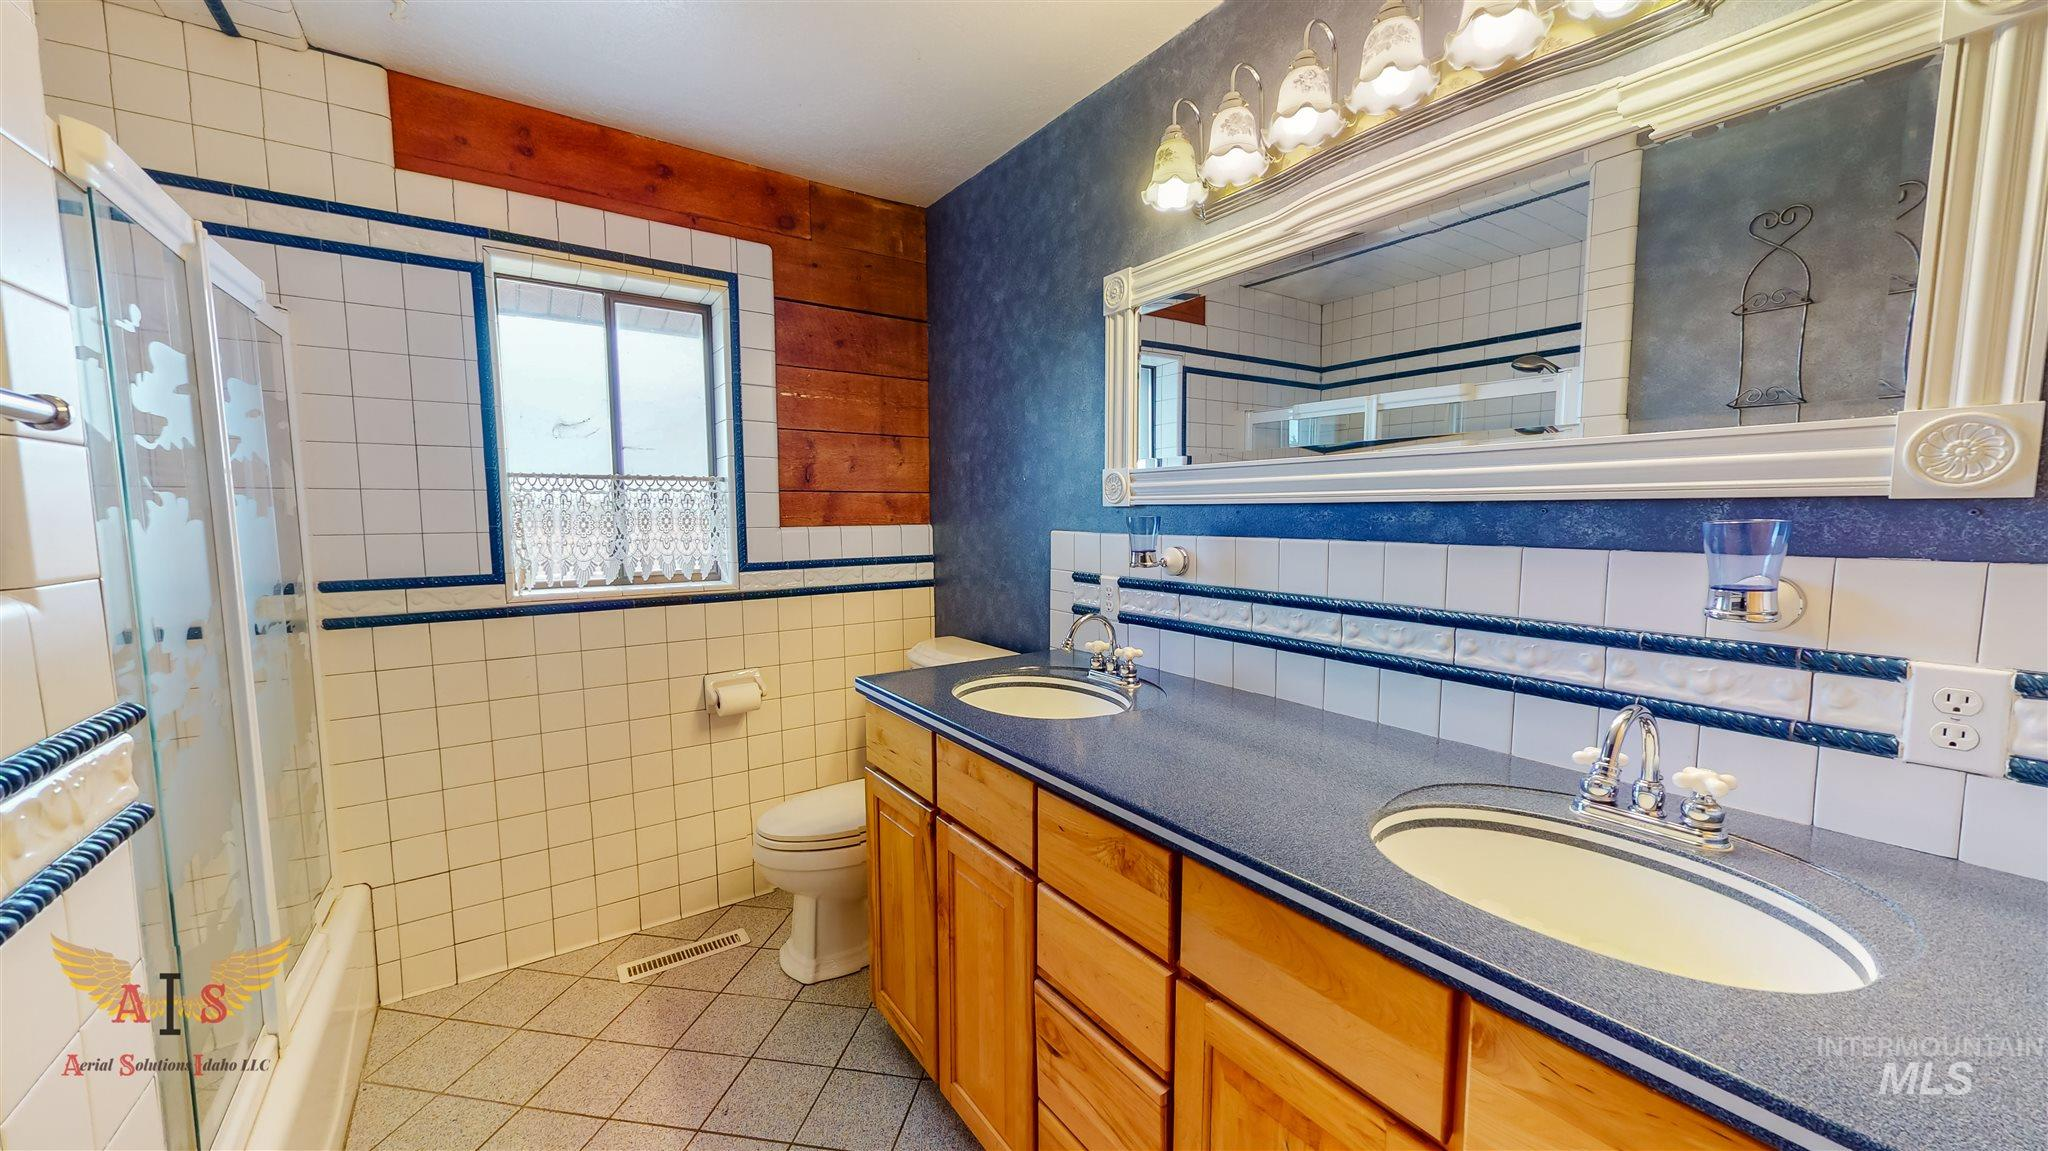 352 S 500 W Property Photo 13